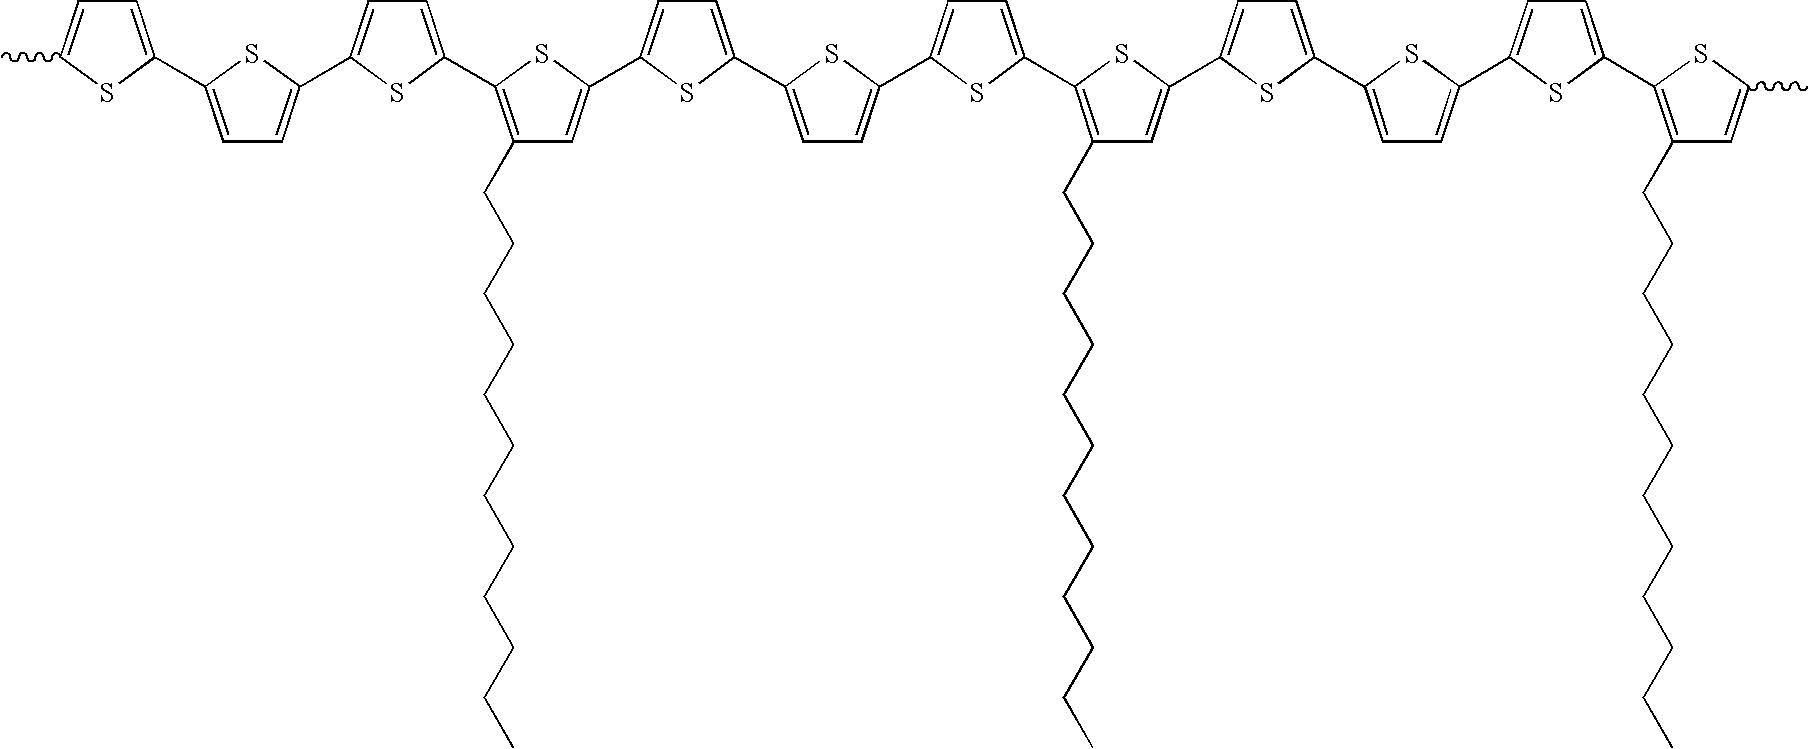 Figure US20070117963A1-20070524-C00007